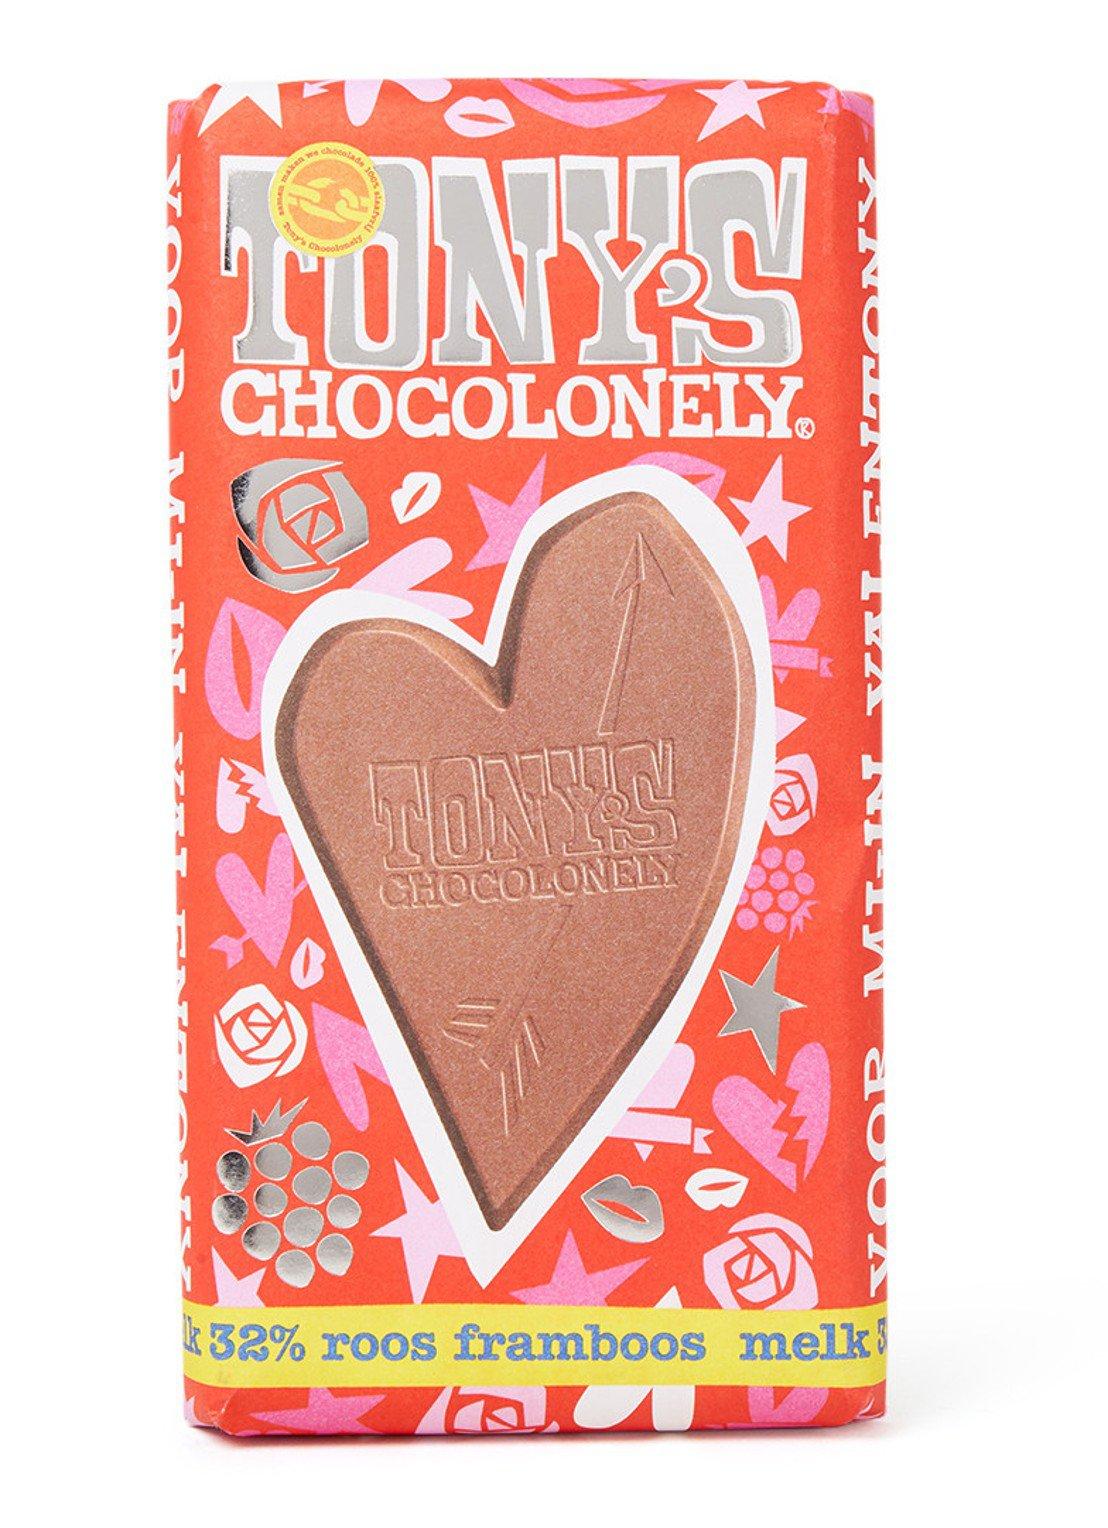 melk-framboos-tony-chocolonely-hart-valentijn